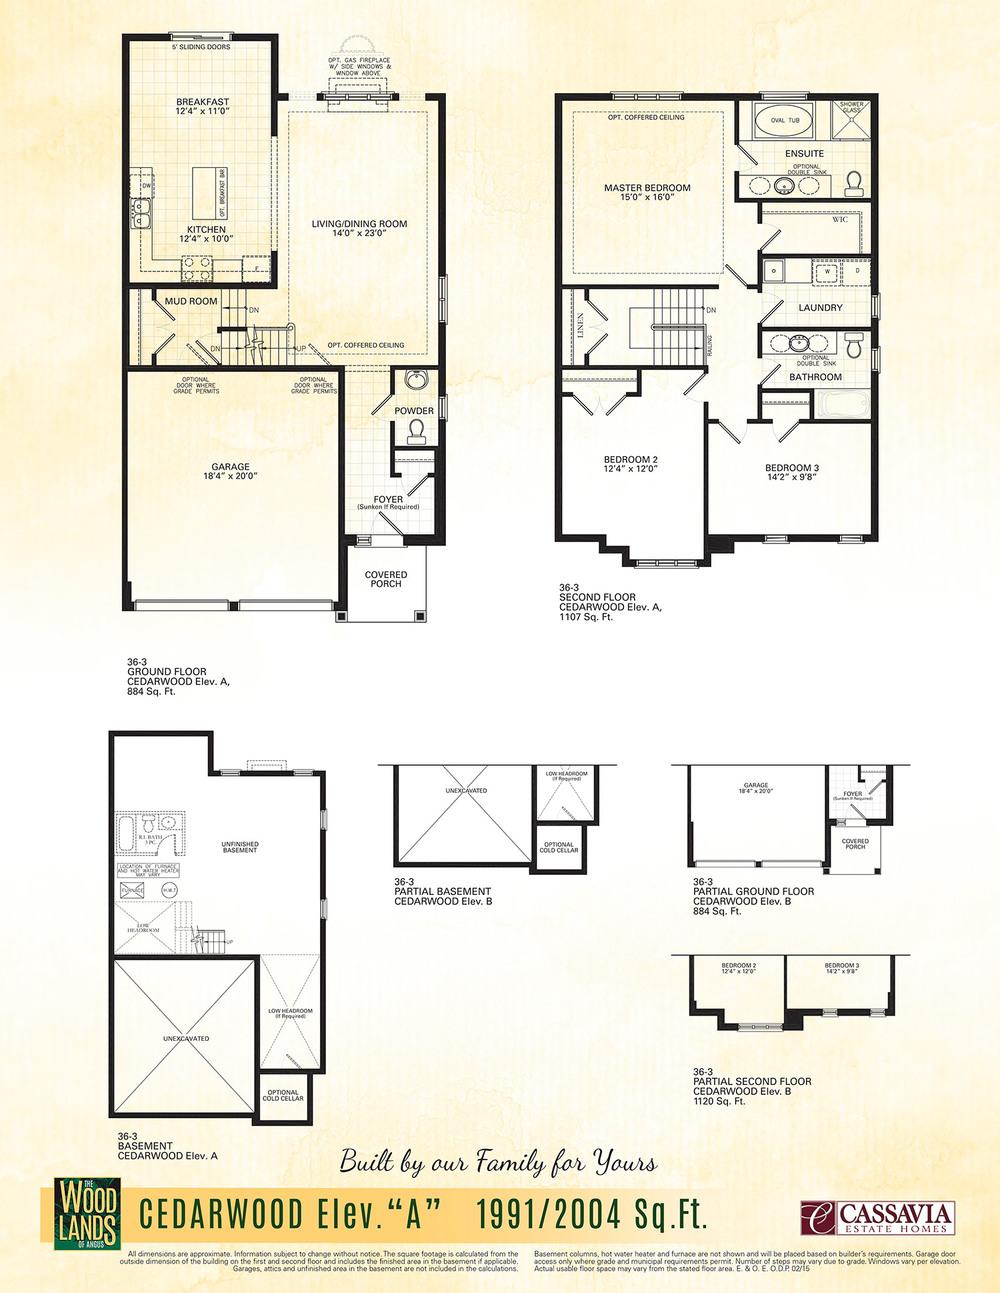 Cedarwood Flr Plans — CASSAVIA ESTATE HOMES